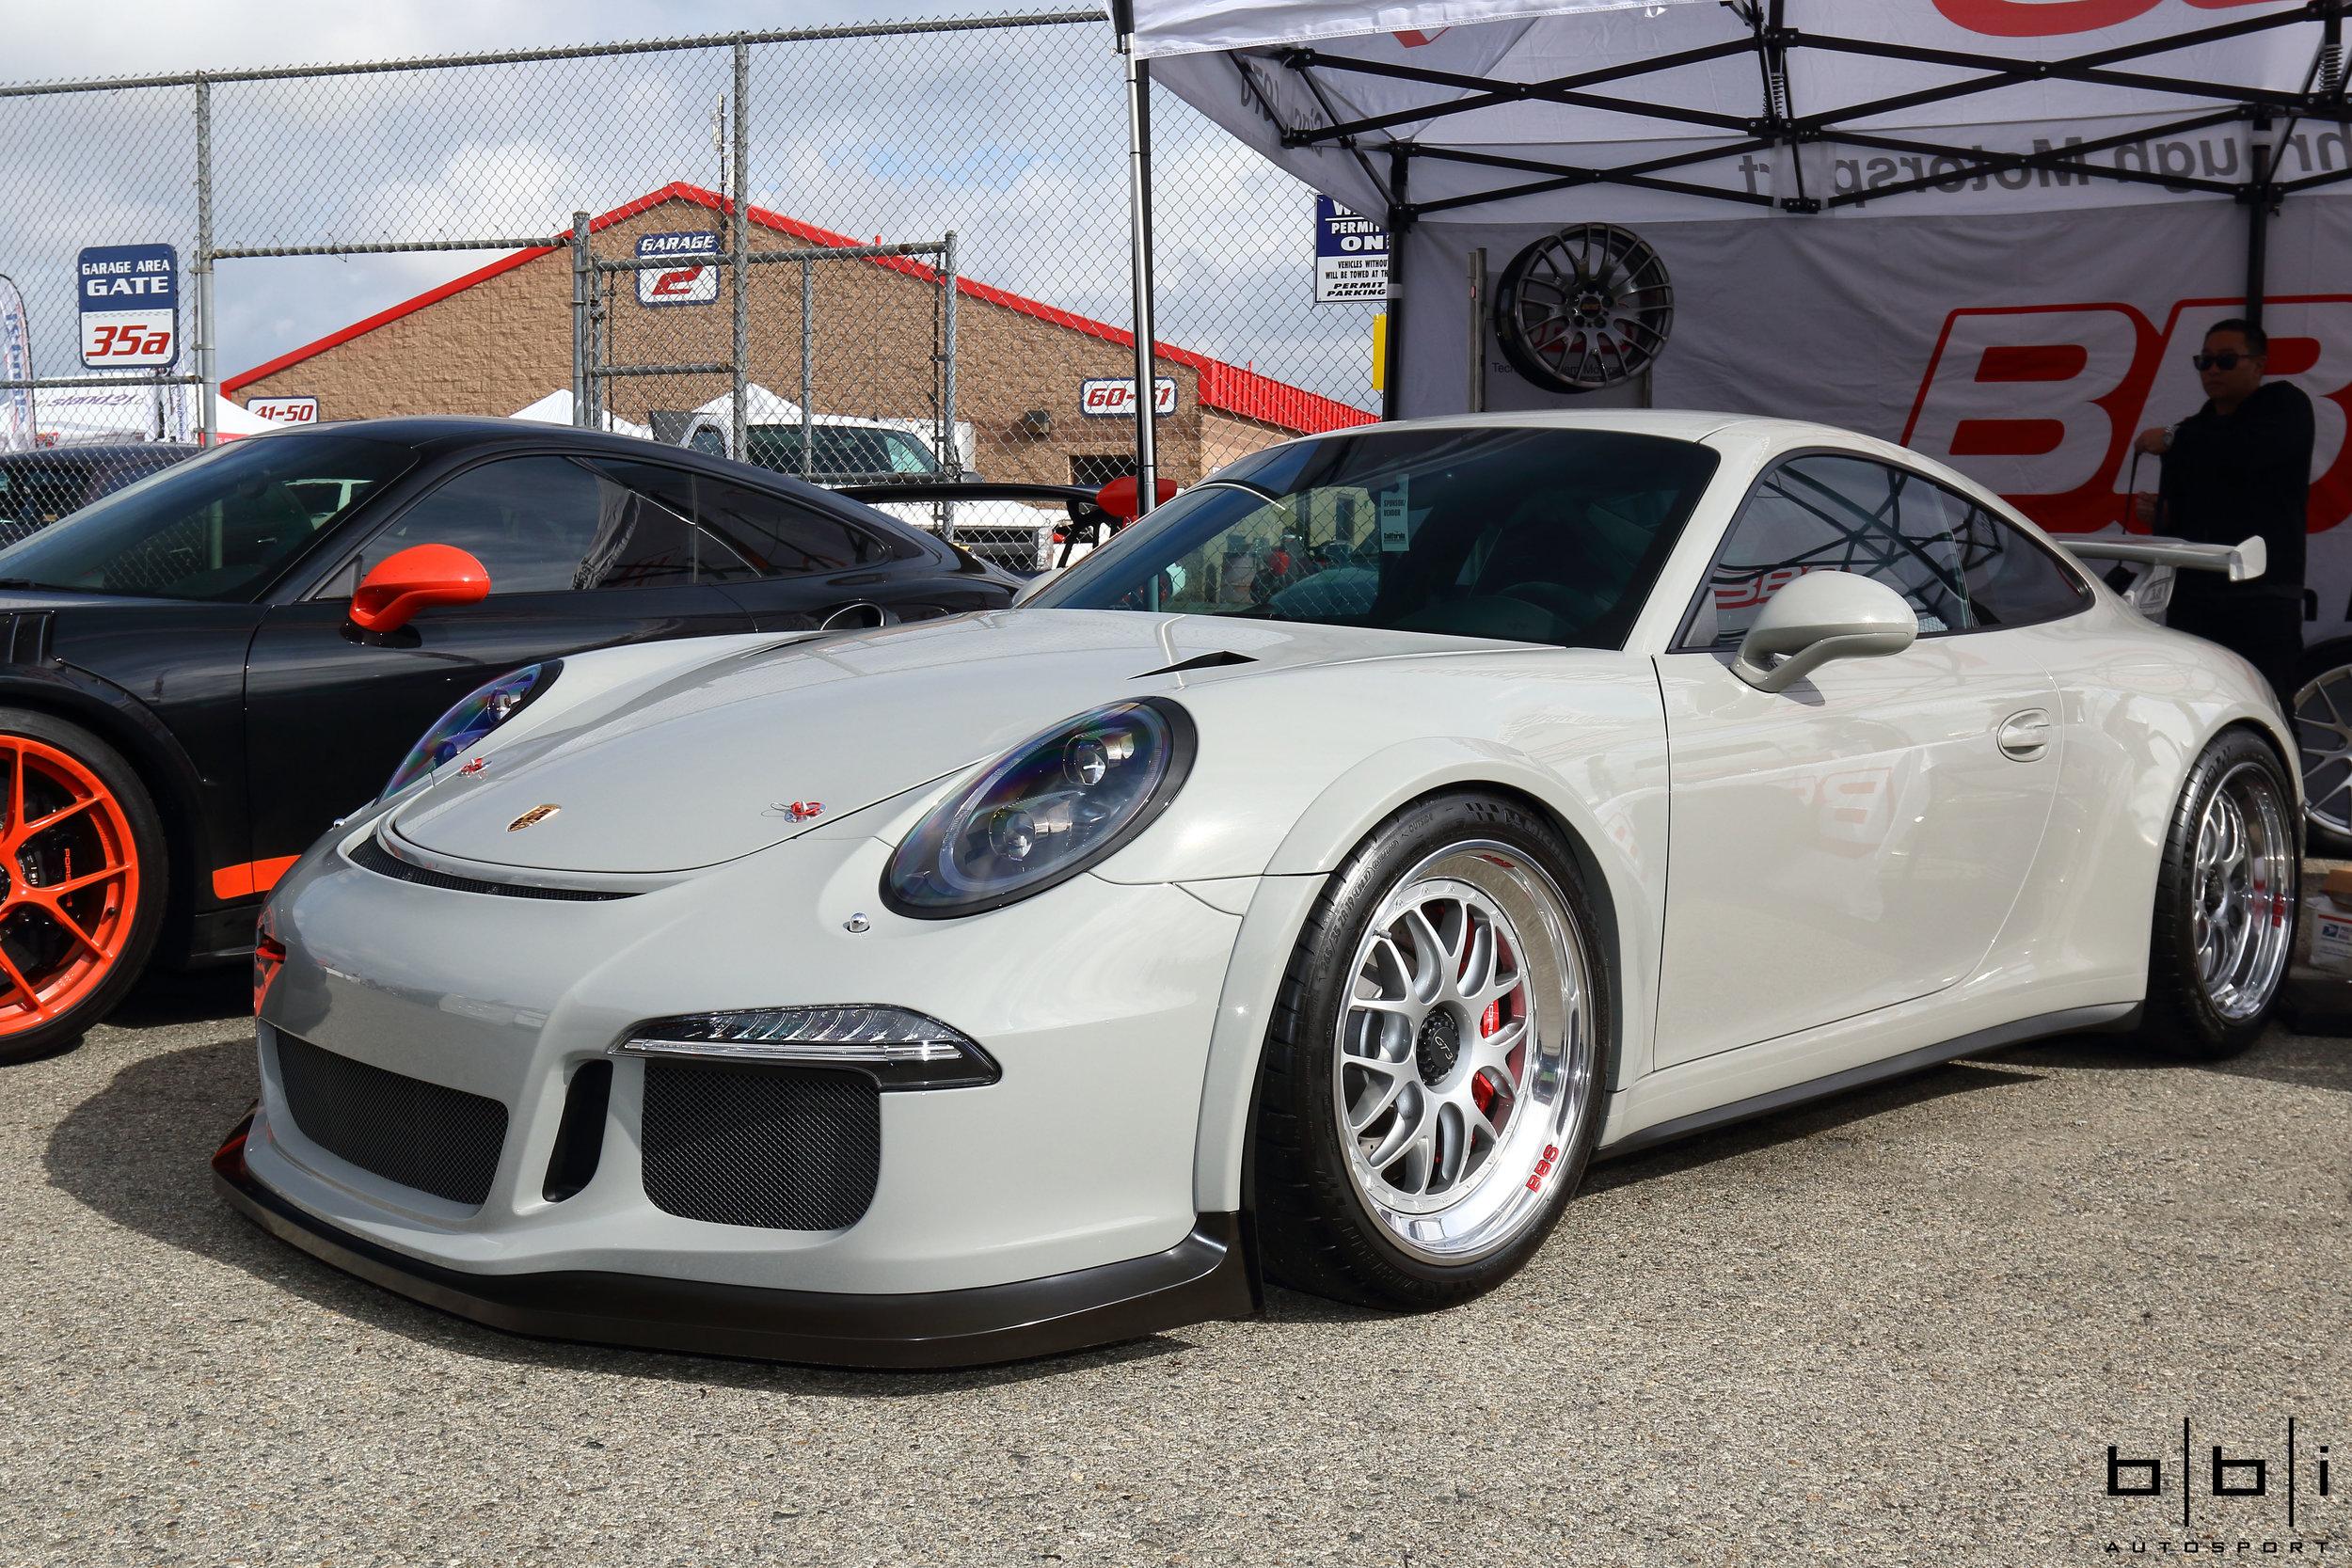 Fashion Grey Porsche 991 GT3 w/ BBS Motorsport E07 & BBi Street Cup Roll Bar Installed by Strasse Sport & Supreme Power